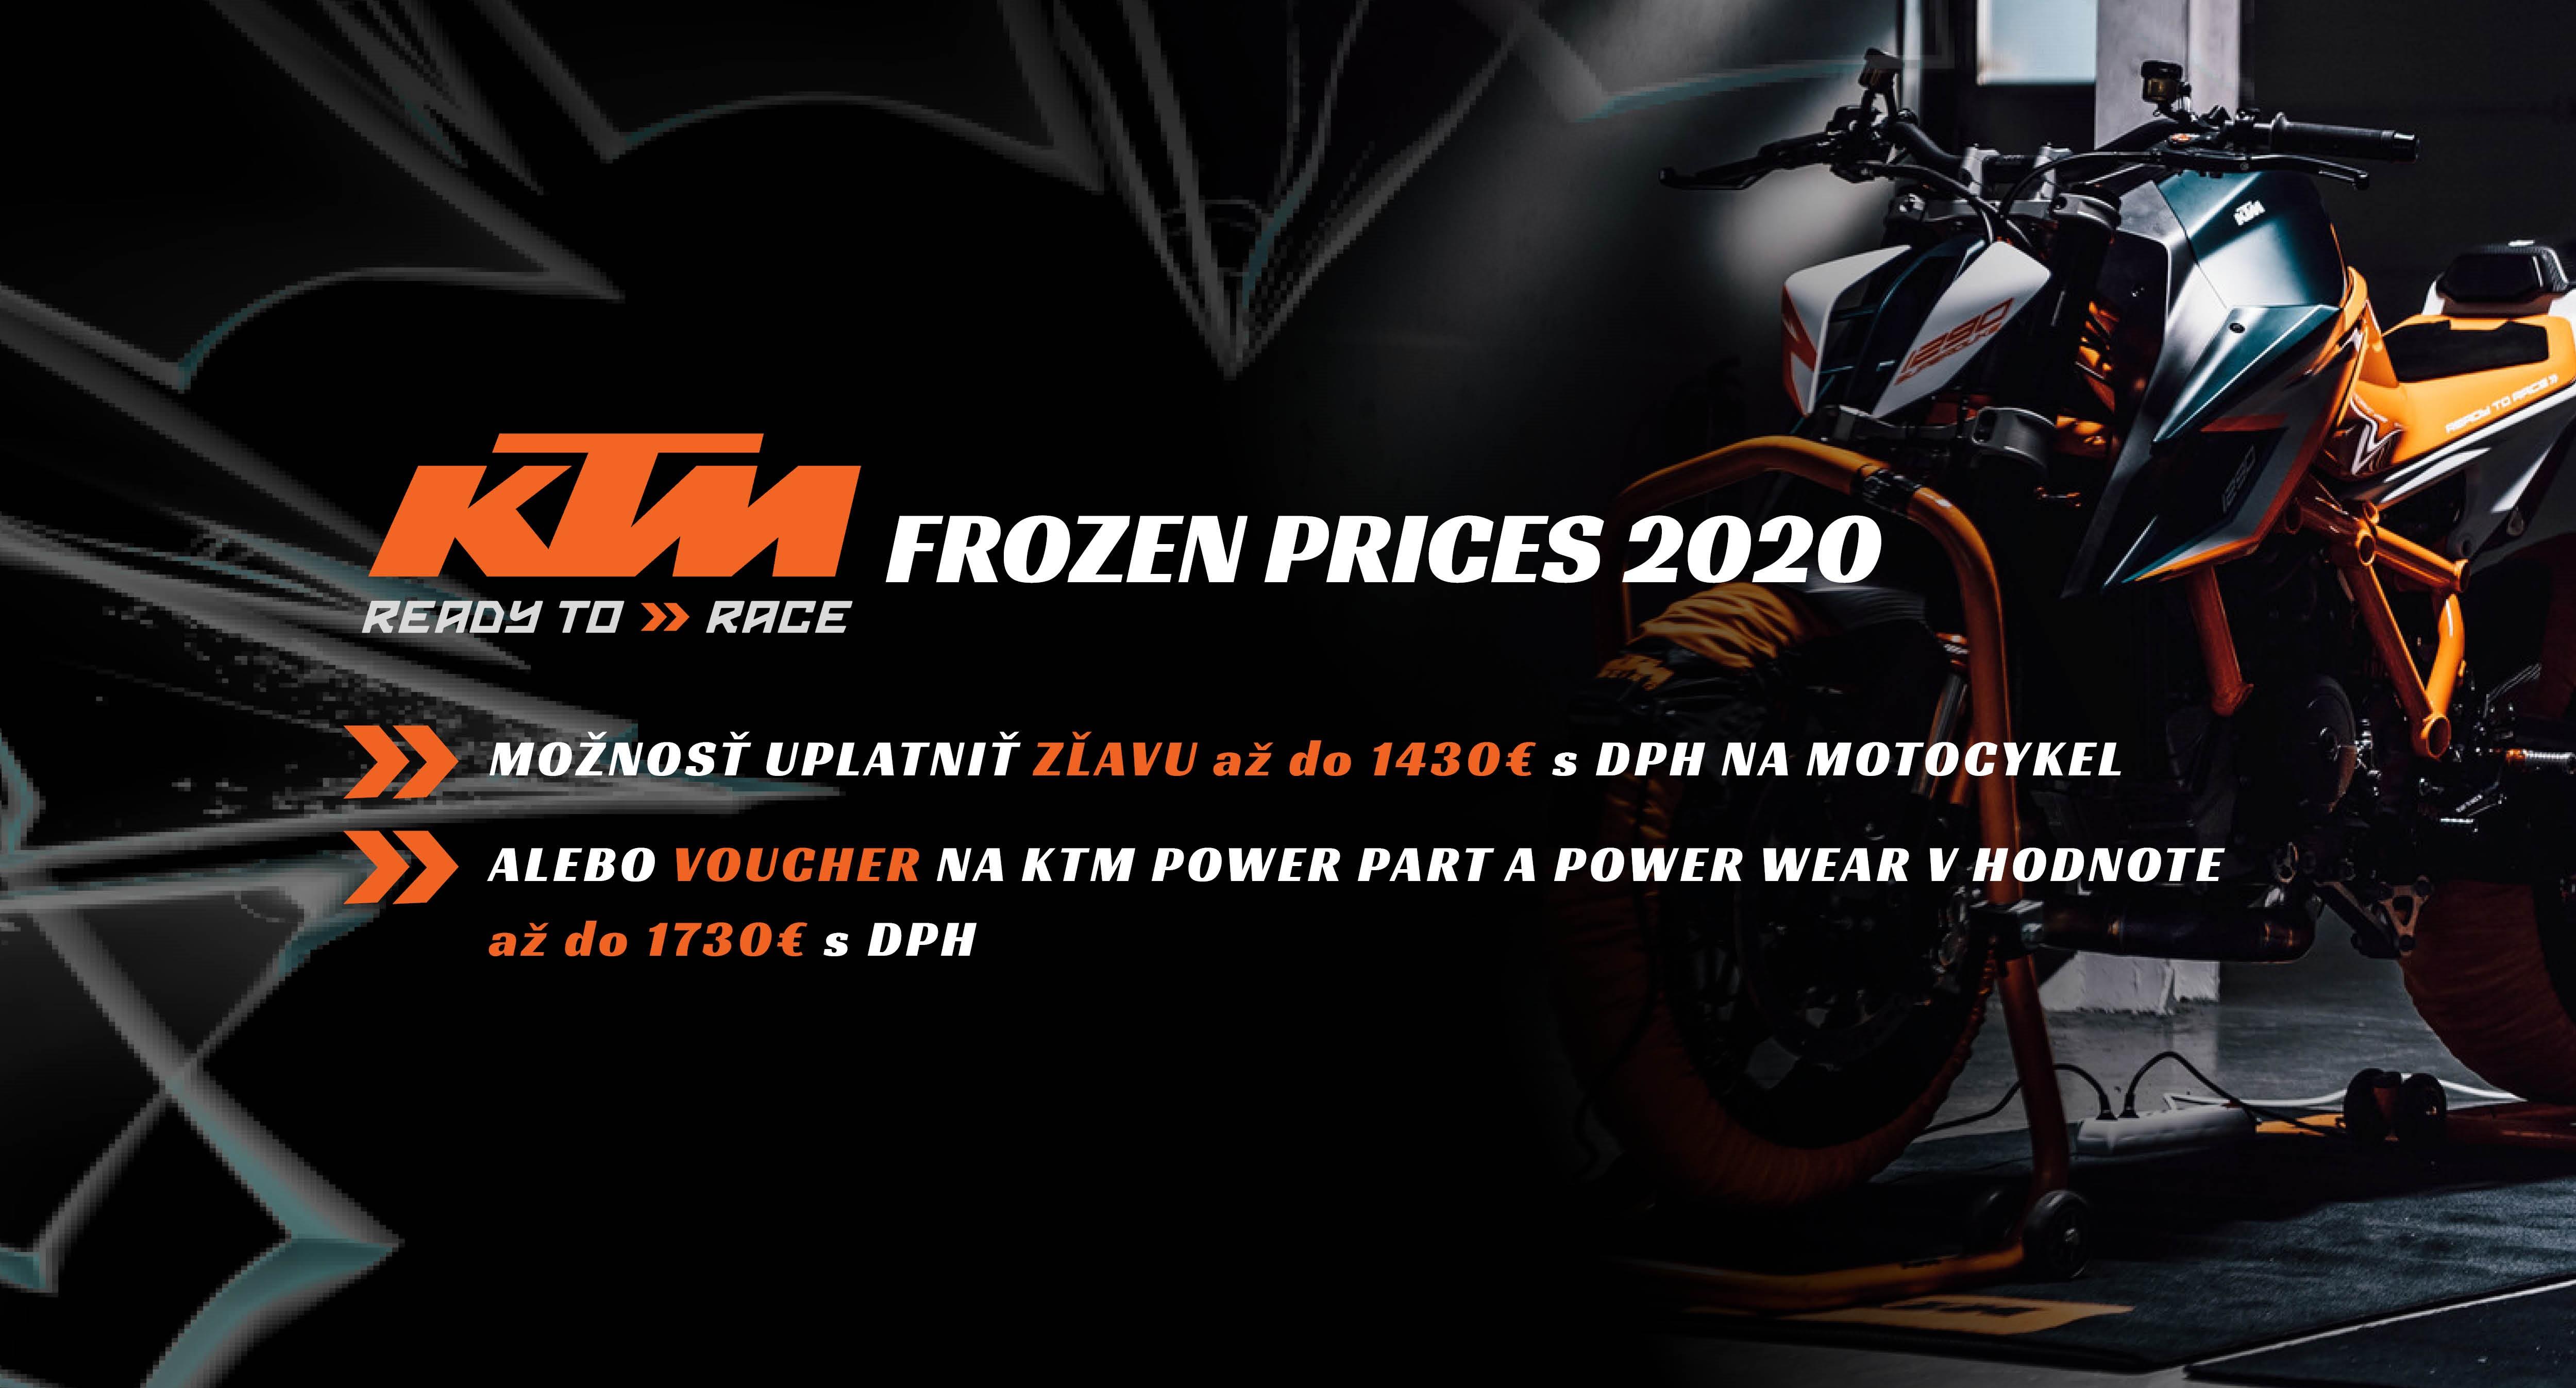 AKCIA KTM FROZEN PRICES 2020